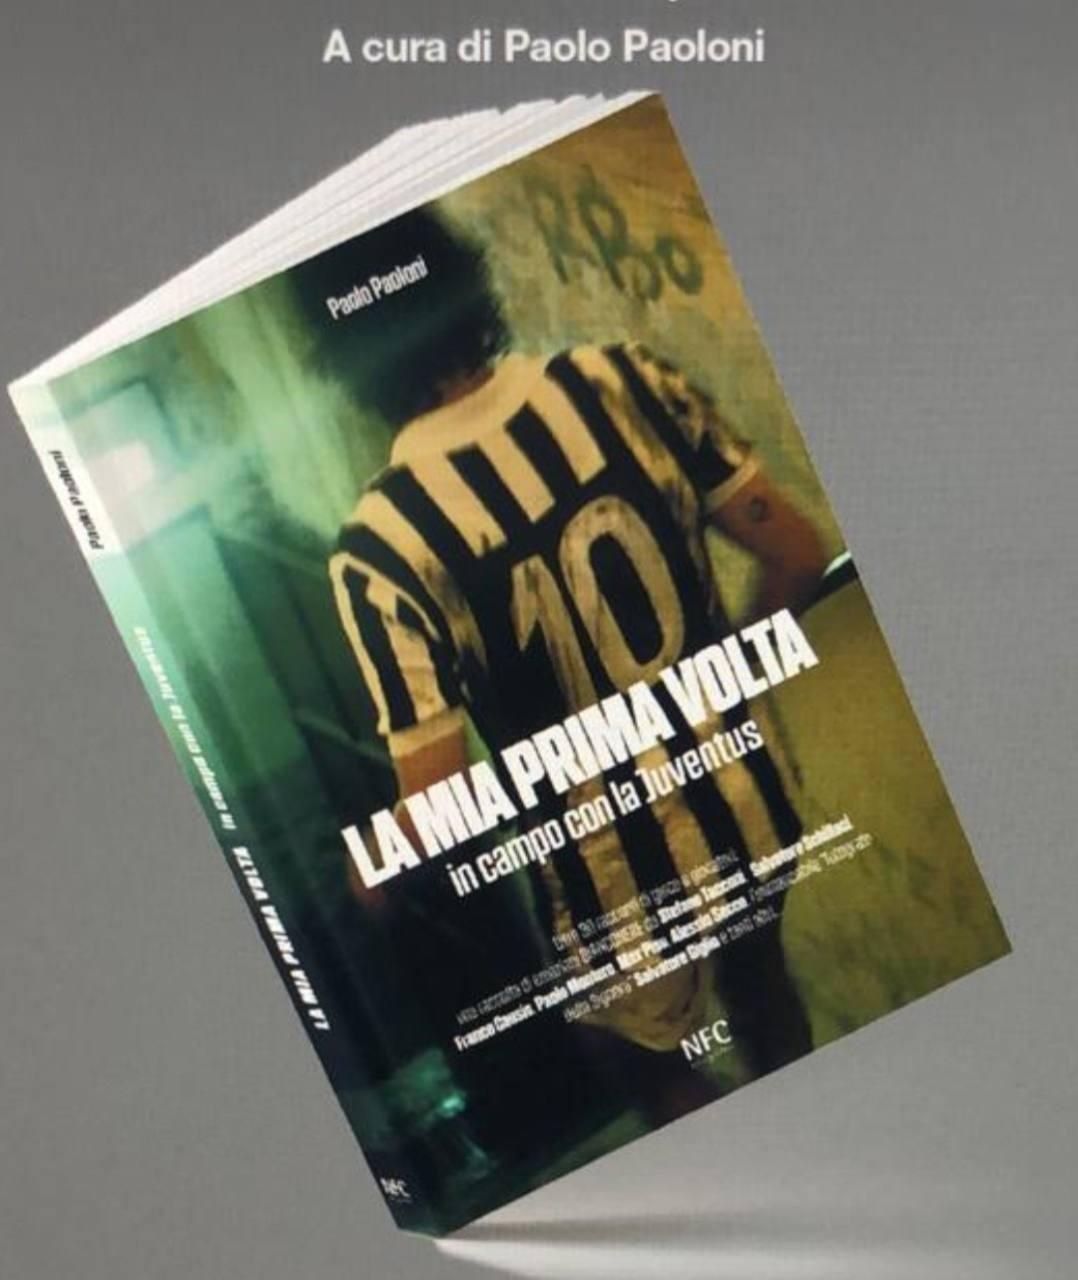 libro di Paolo Paoloni